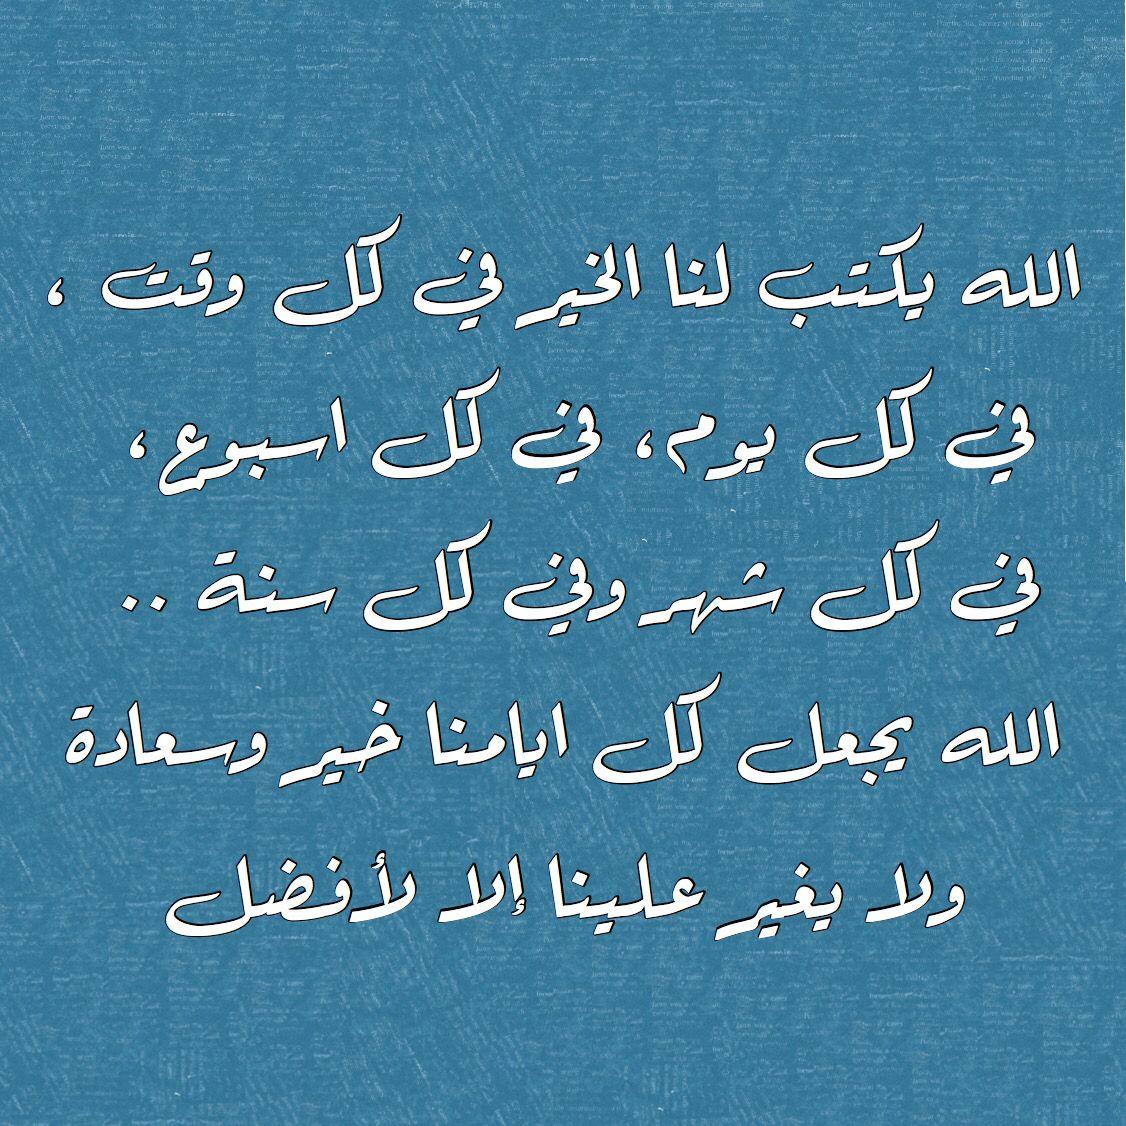 الله لا يغير علينا Arabic Calligraphy Calligraphy